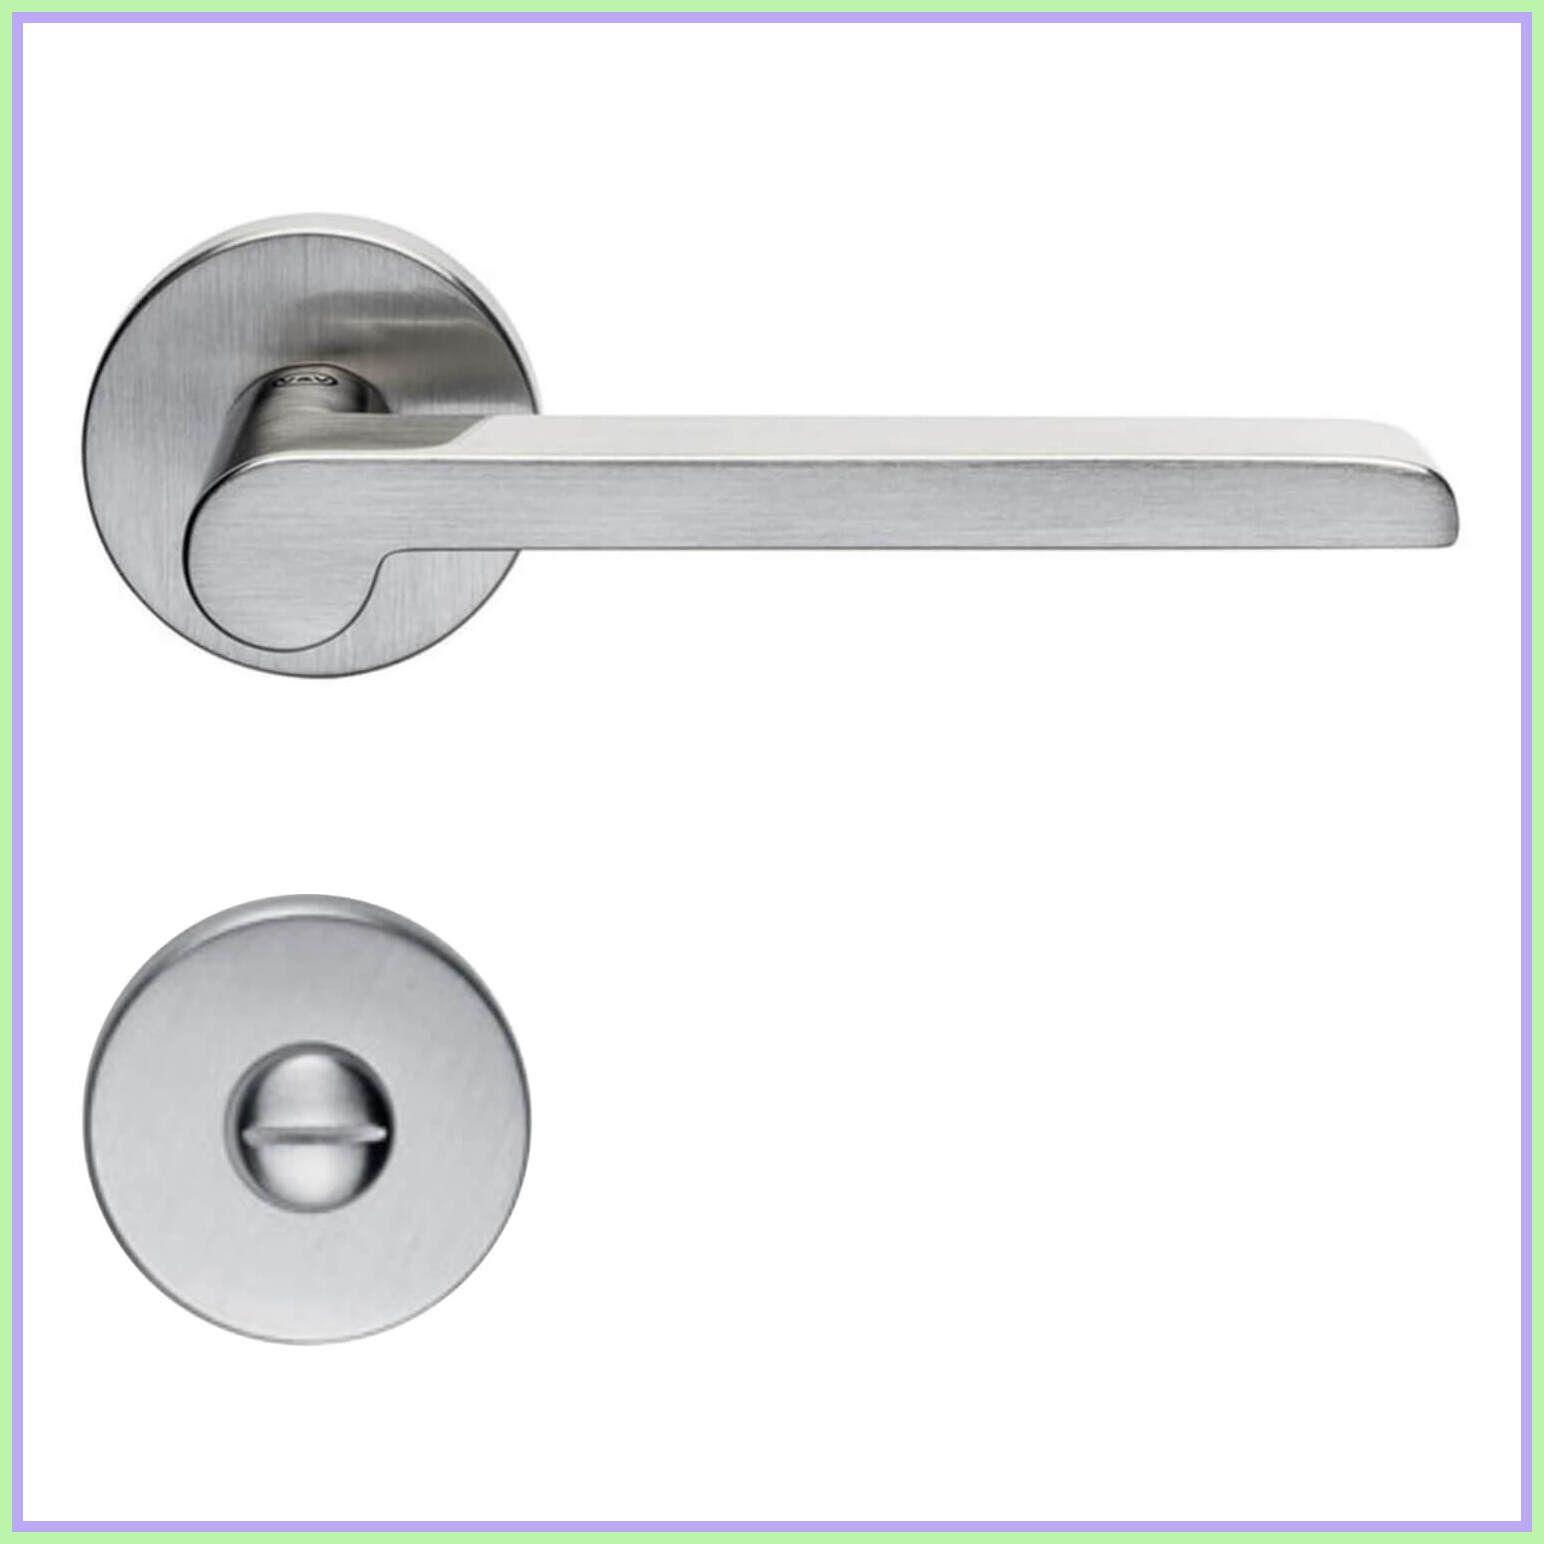 33 Reference Of Interior Door Handles Satin Chrome In 2020 Door Handles Interior Door Trim Doors Interior